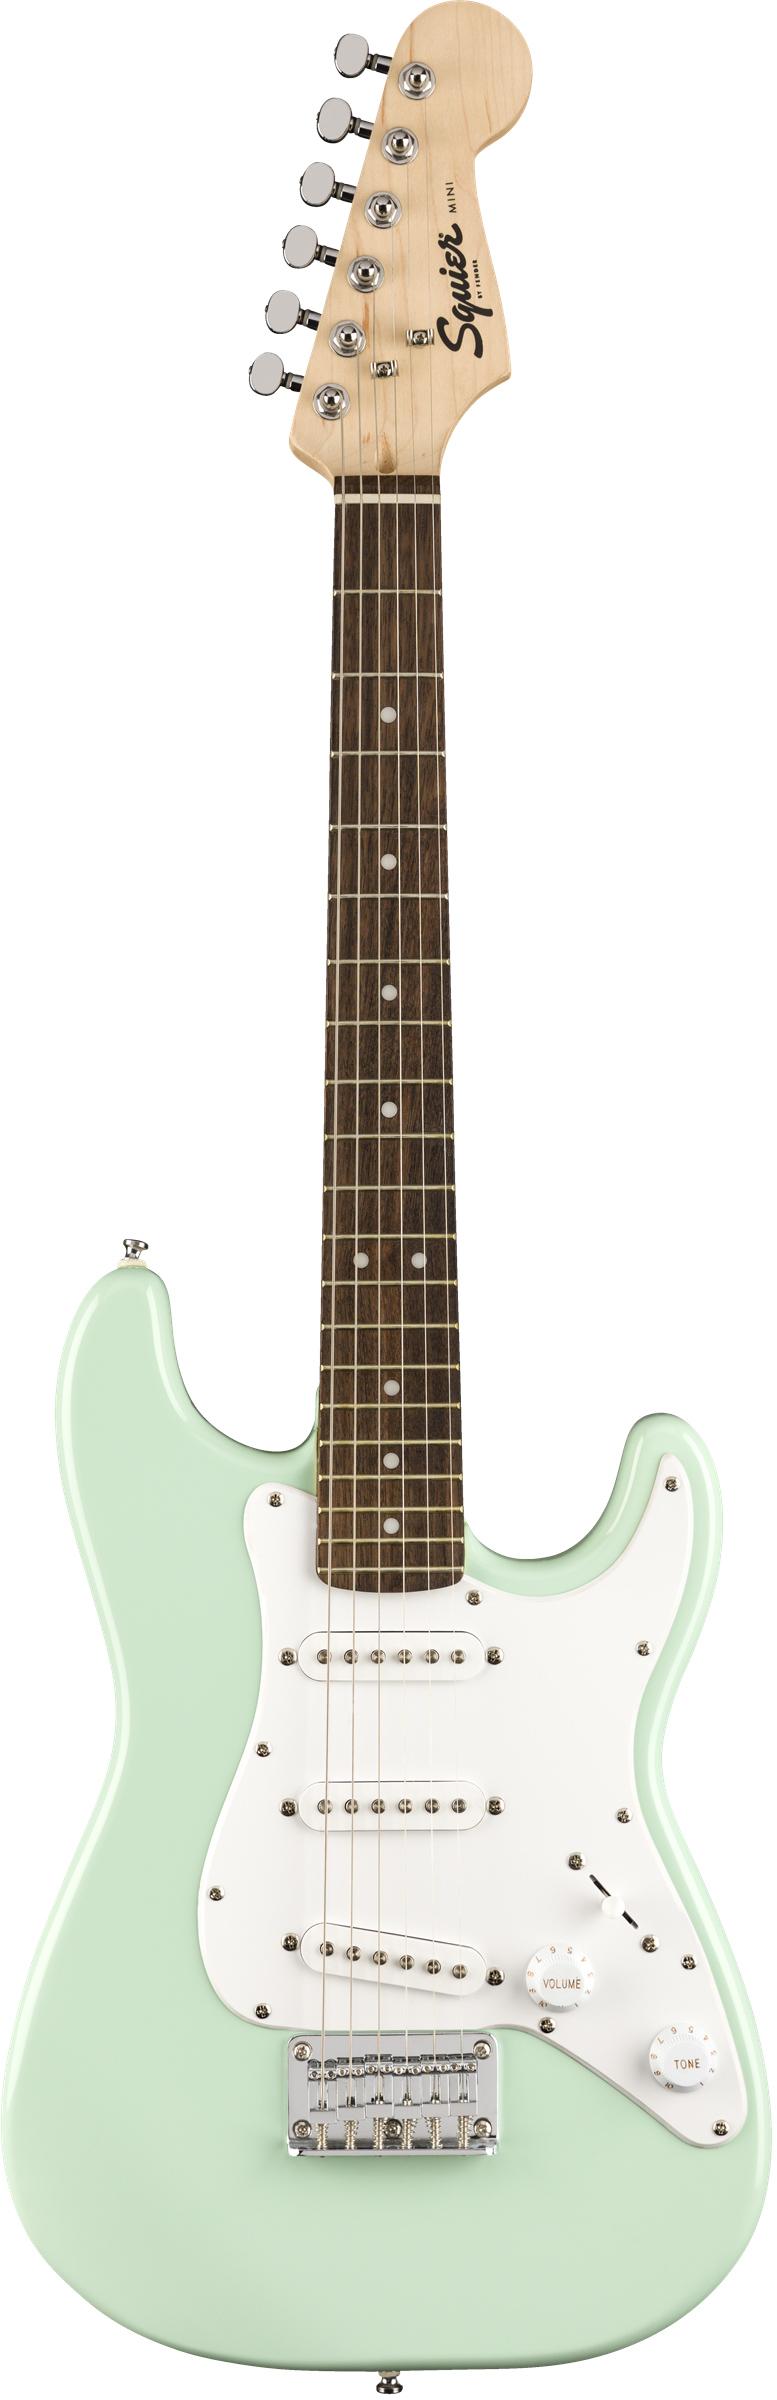 Fender Squier Mini Strat Electric Guitar